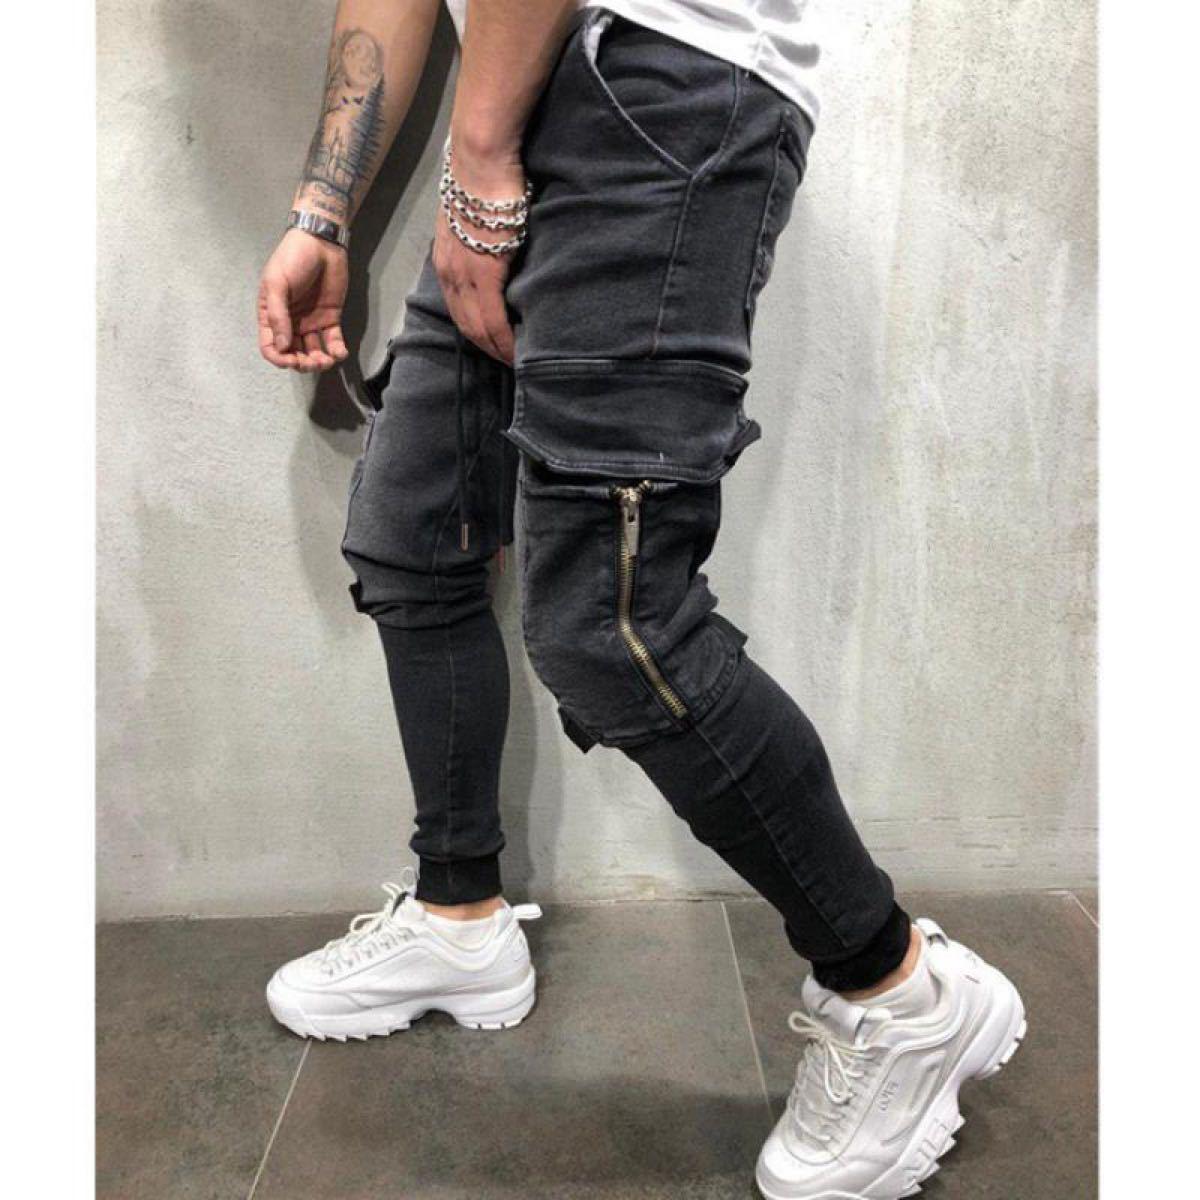 ジョガーパンツ ポケット付き デニム テーパードパンツ ボトムス スキニーパンツ ジーンズ ストレッチ M L XL 黒 ブラック